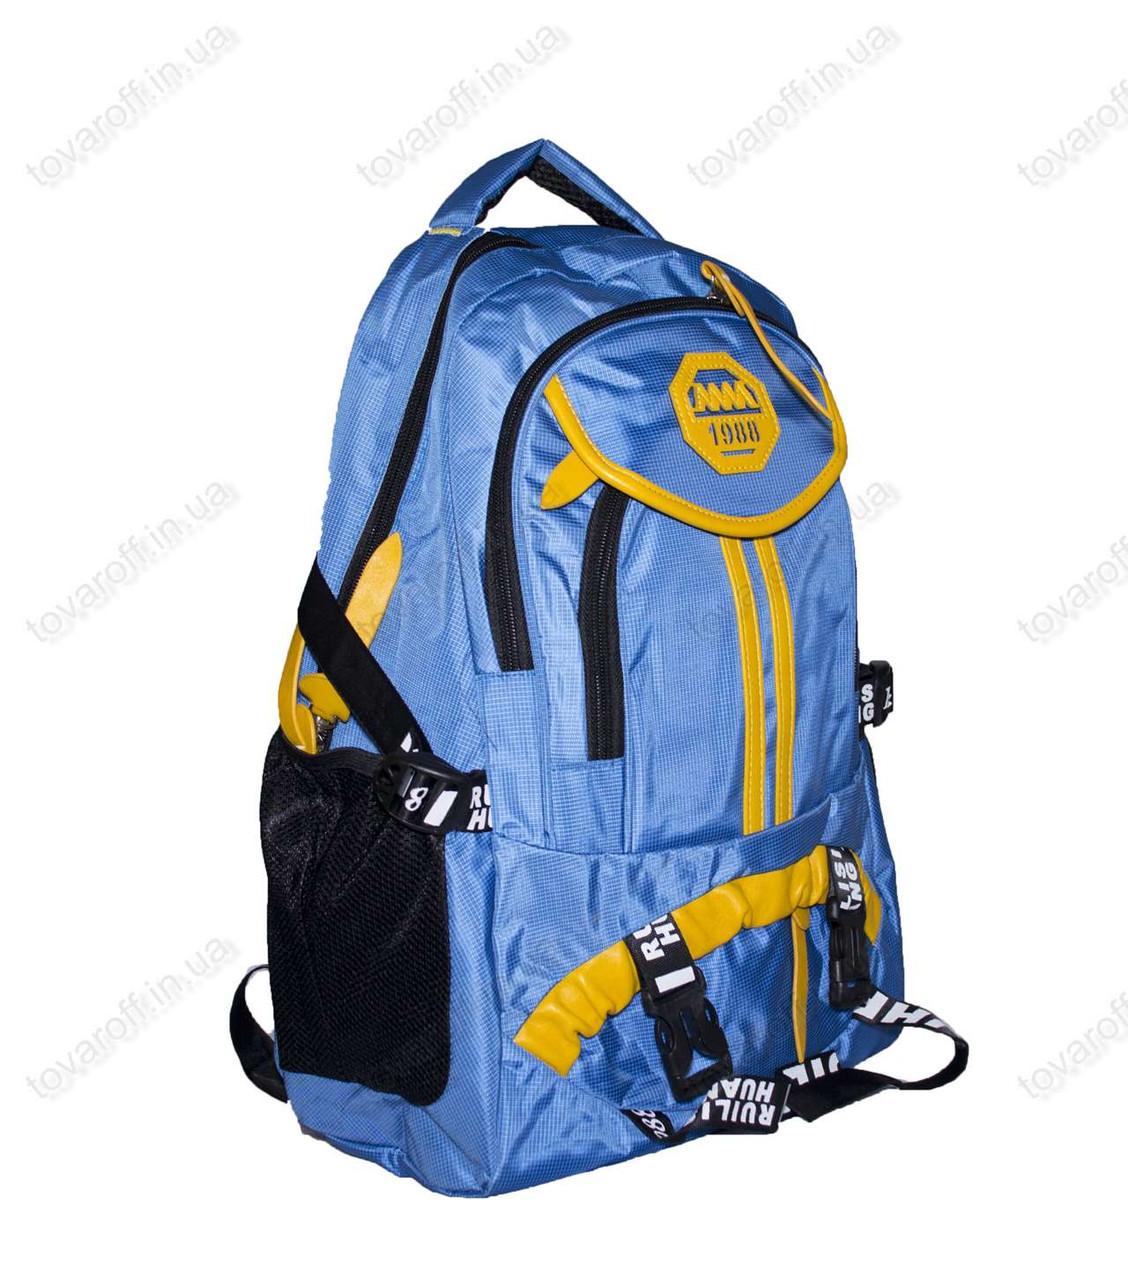 Оптом рюкзак школьный/спортивный - Голубой - 9012